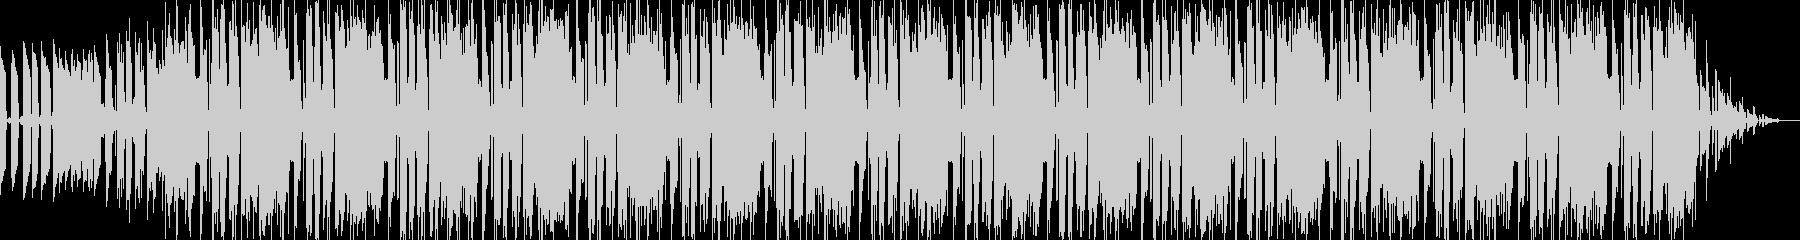 EDM系BGM1の未再生の波形